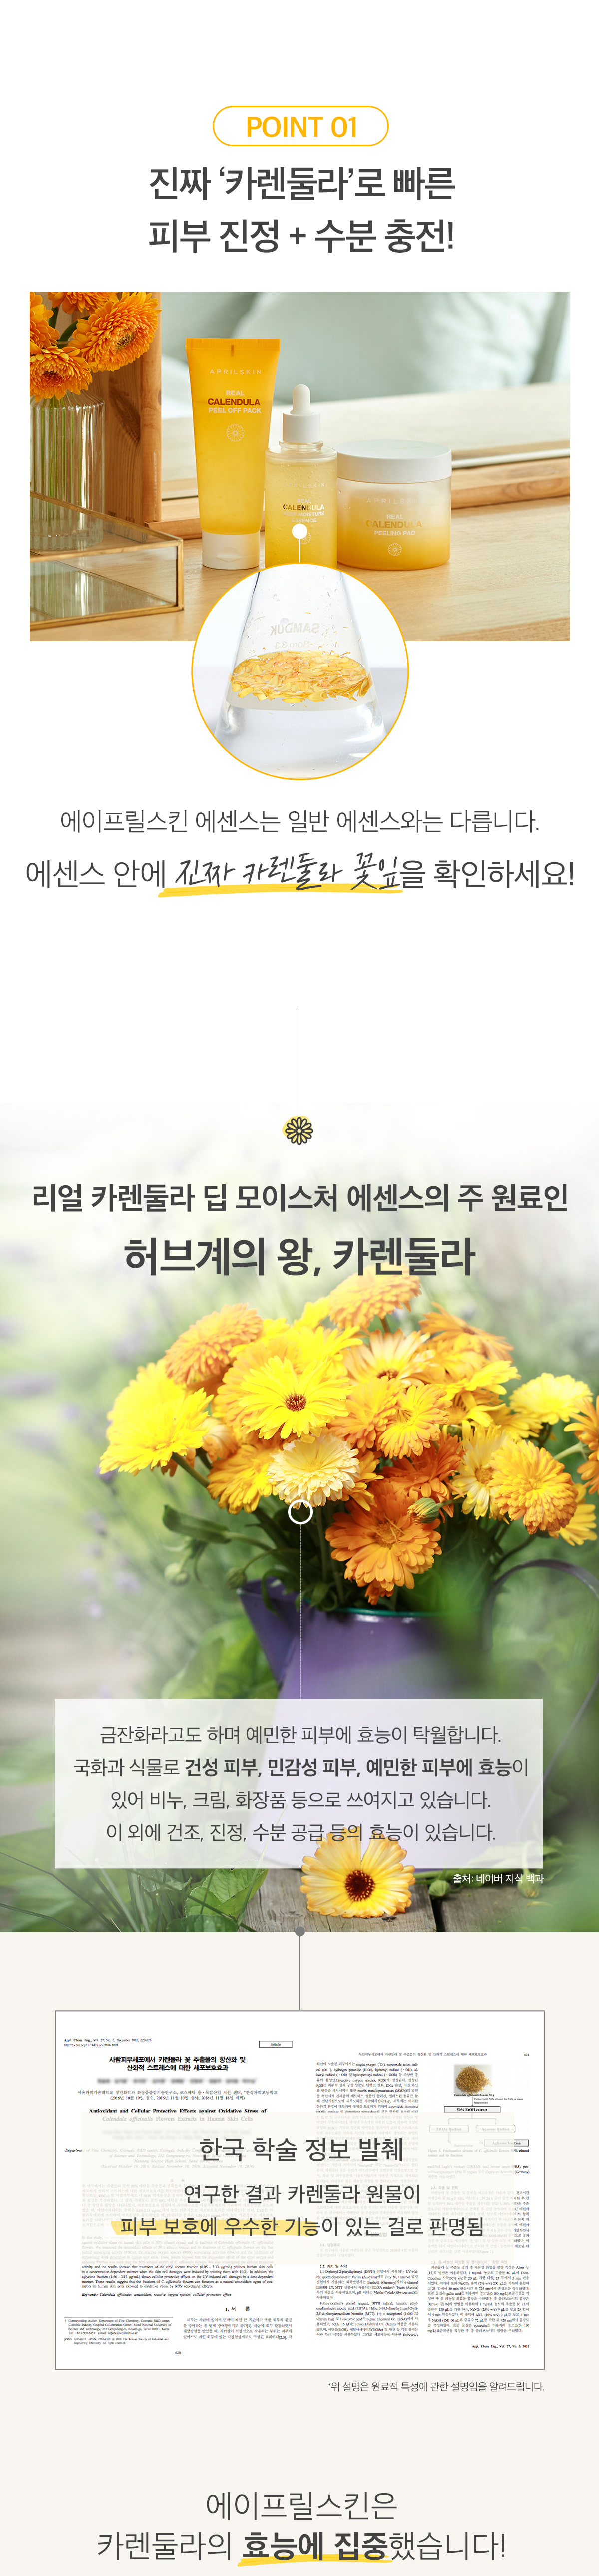 copy-1540980935-es2-1-1-.jpg